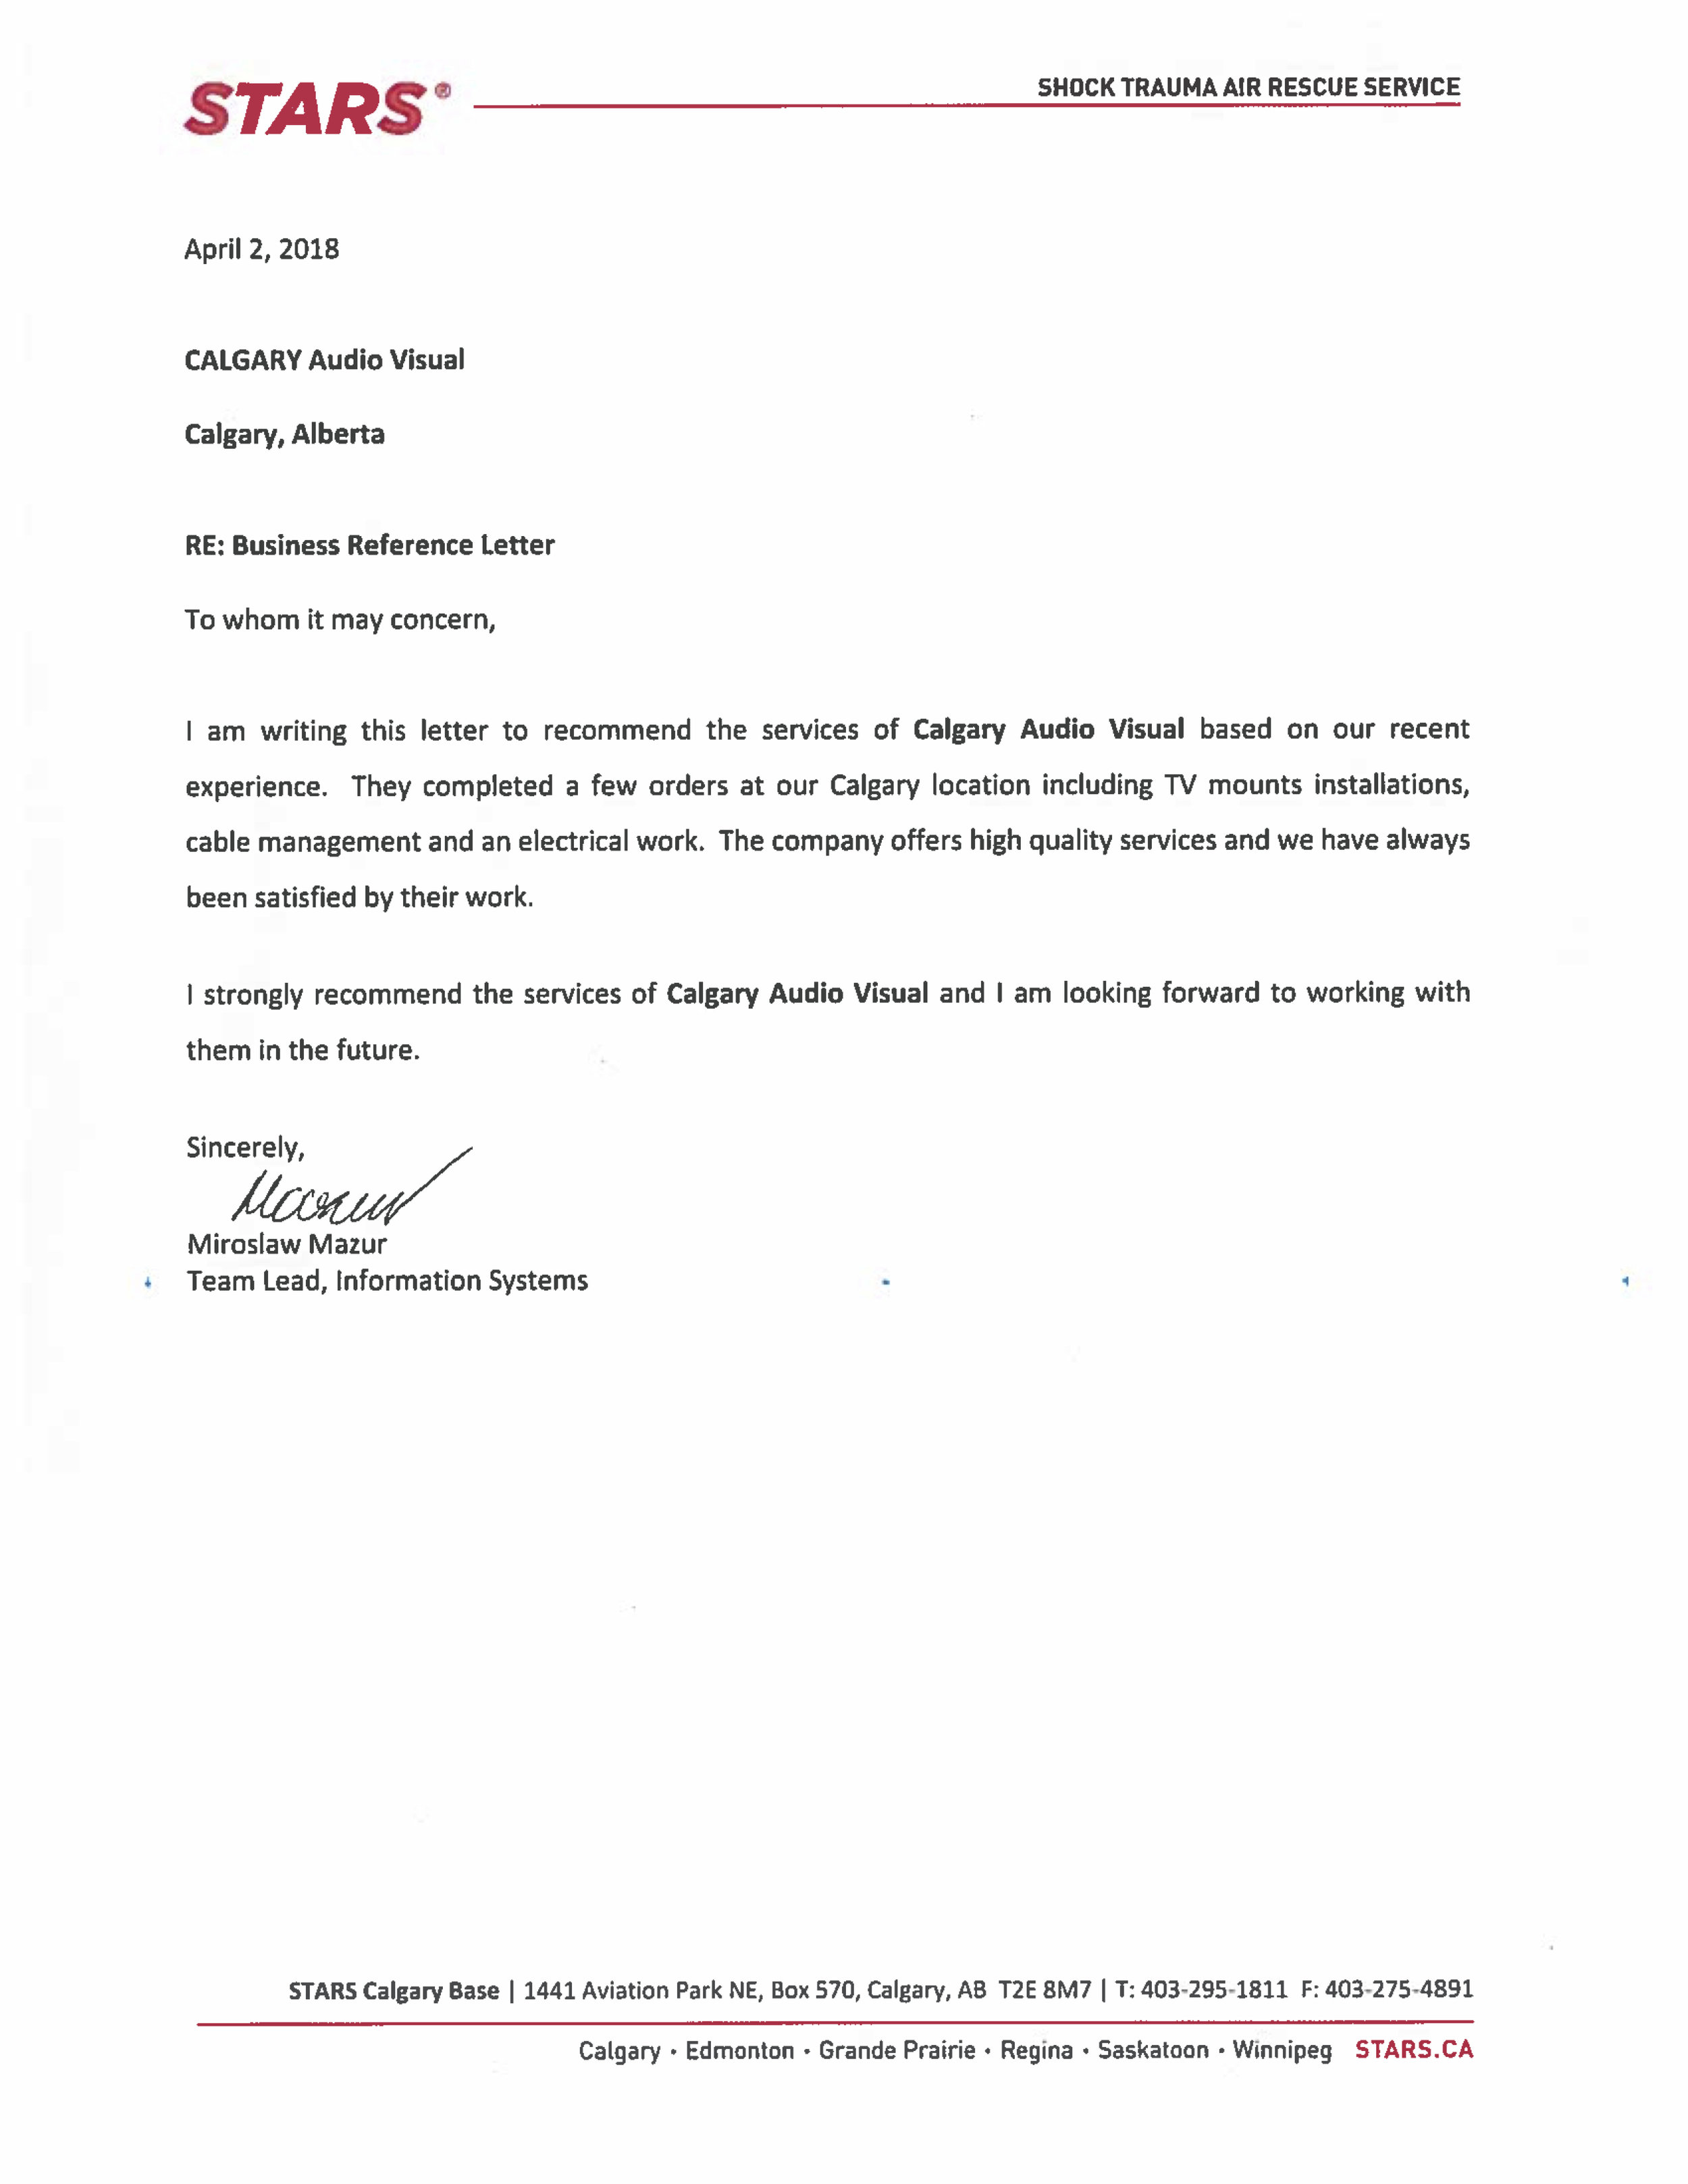 STARS - Letter of Recommendation - Apr2-2018.jpg